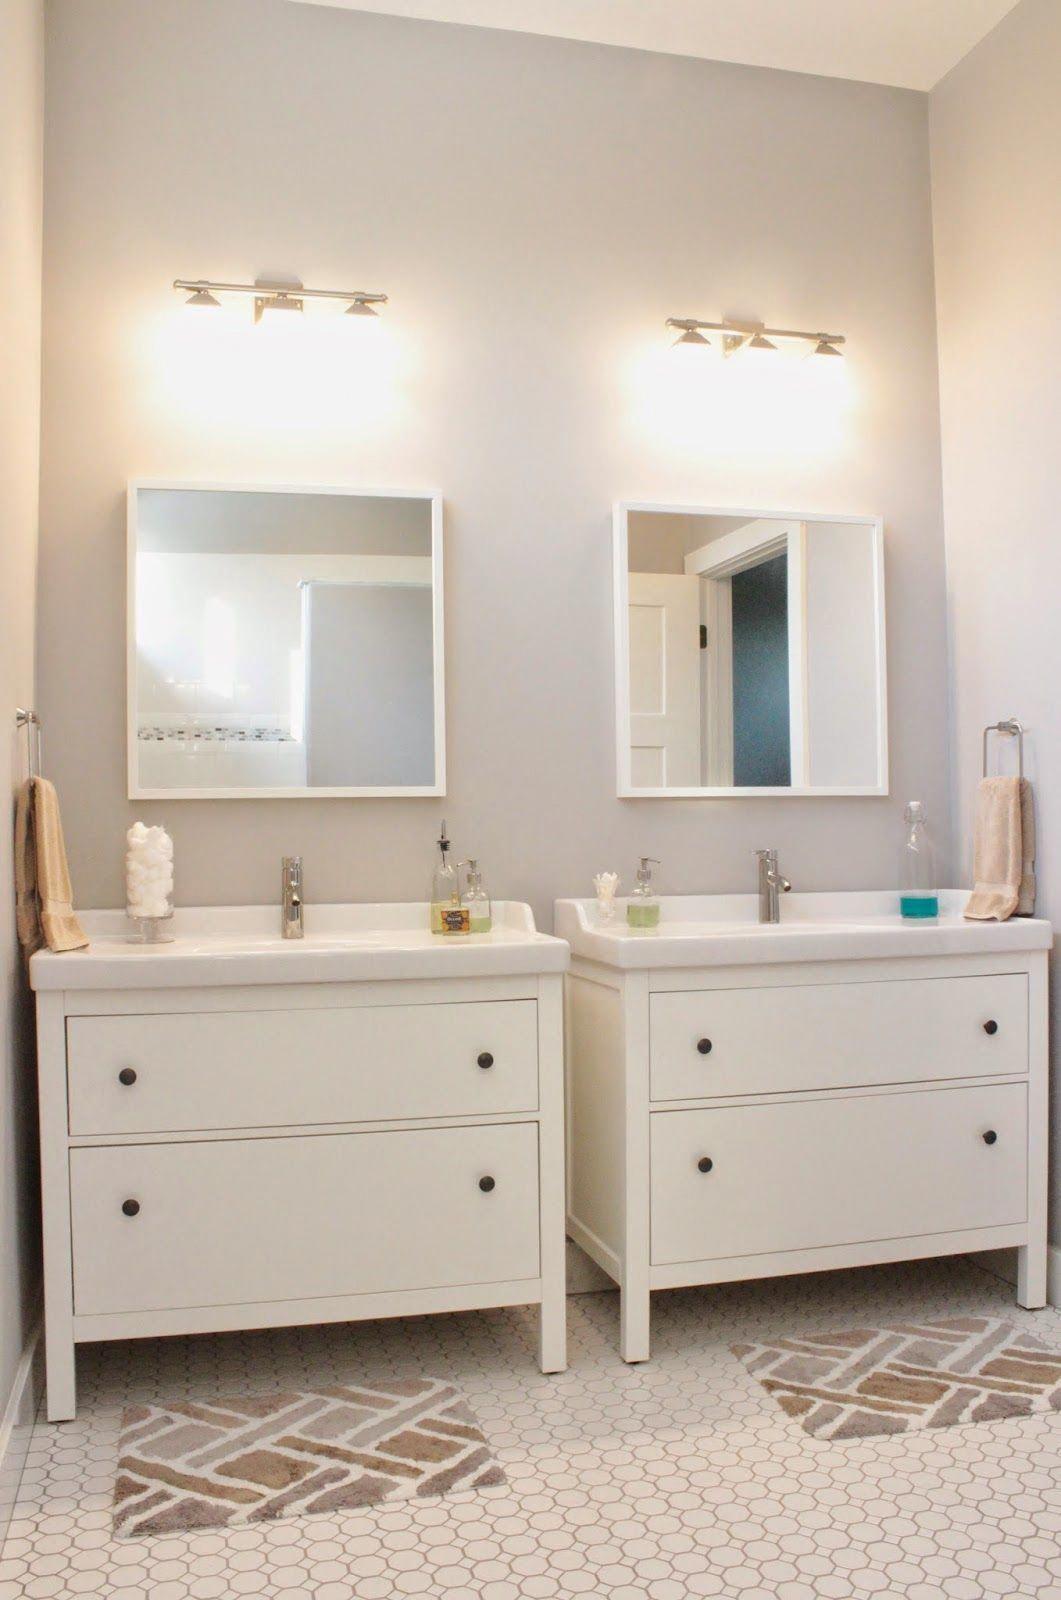 96 Shabby Chic Style Bathroom Design Ideas Bad Doppelwaschtisch Waschbeckenunterschrank Badezimmer